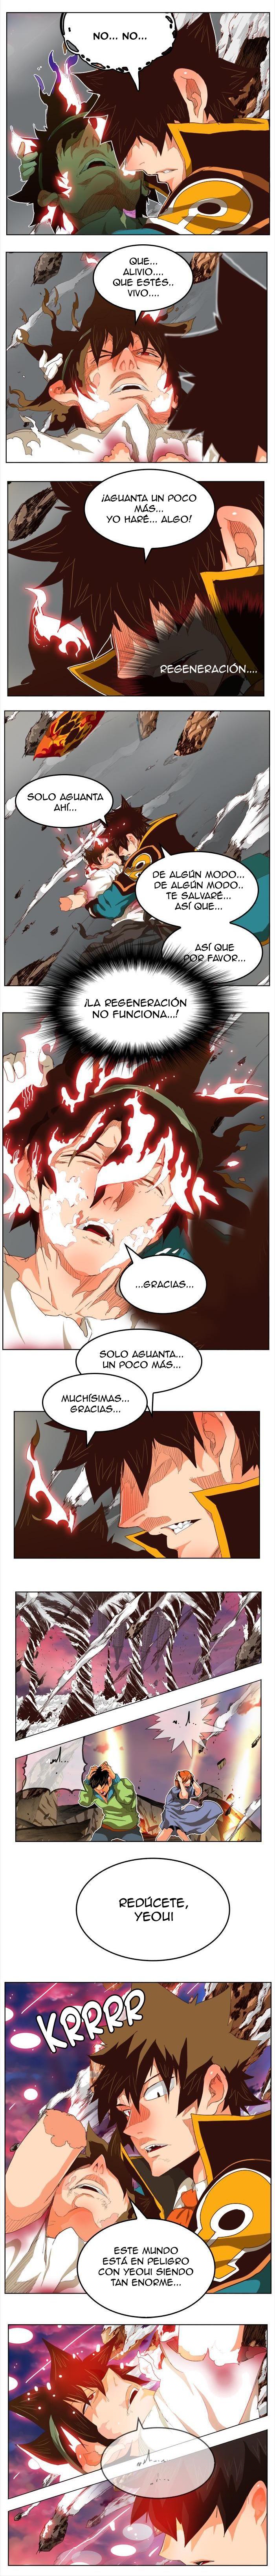 http://c5.ninemanga.com/es_manga/pic2/37/485/523386/cf5d2ab9c57da60c4d4afa86e70c2733.jpg Page 3